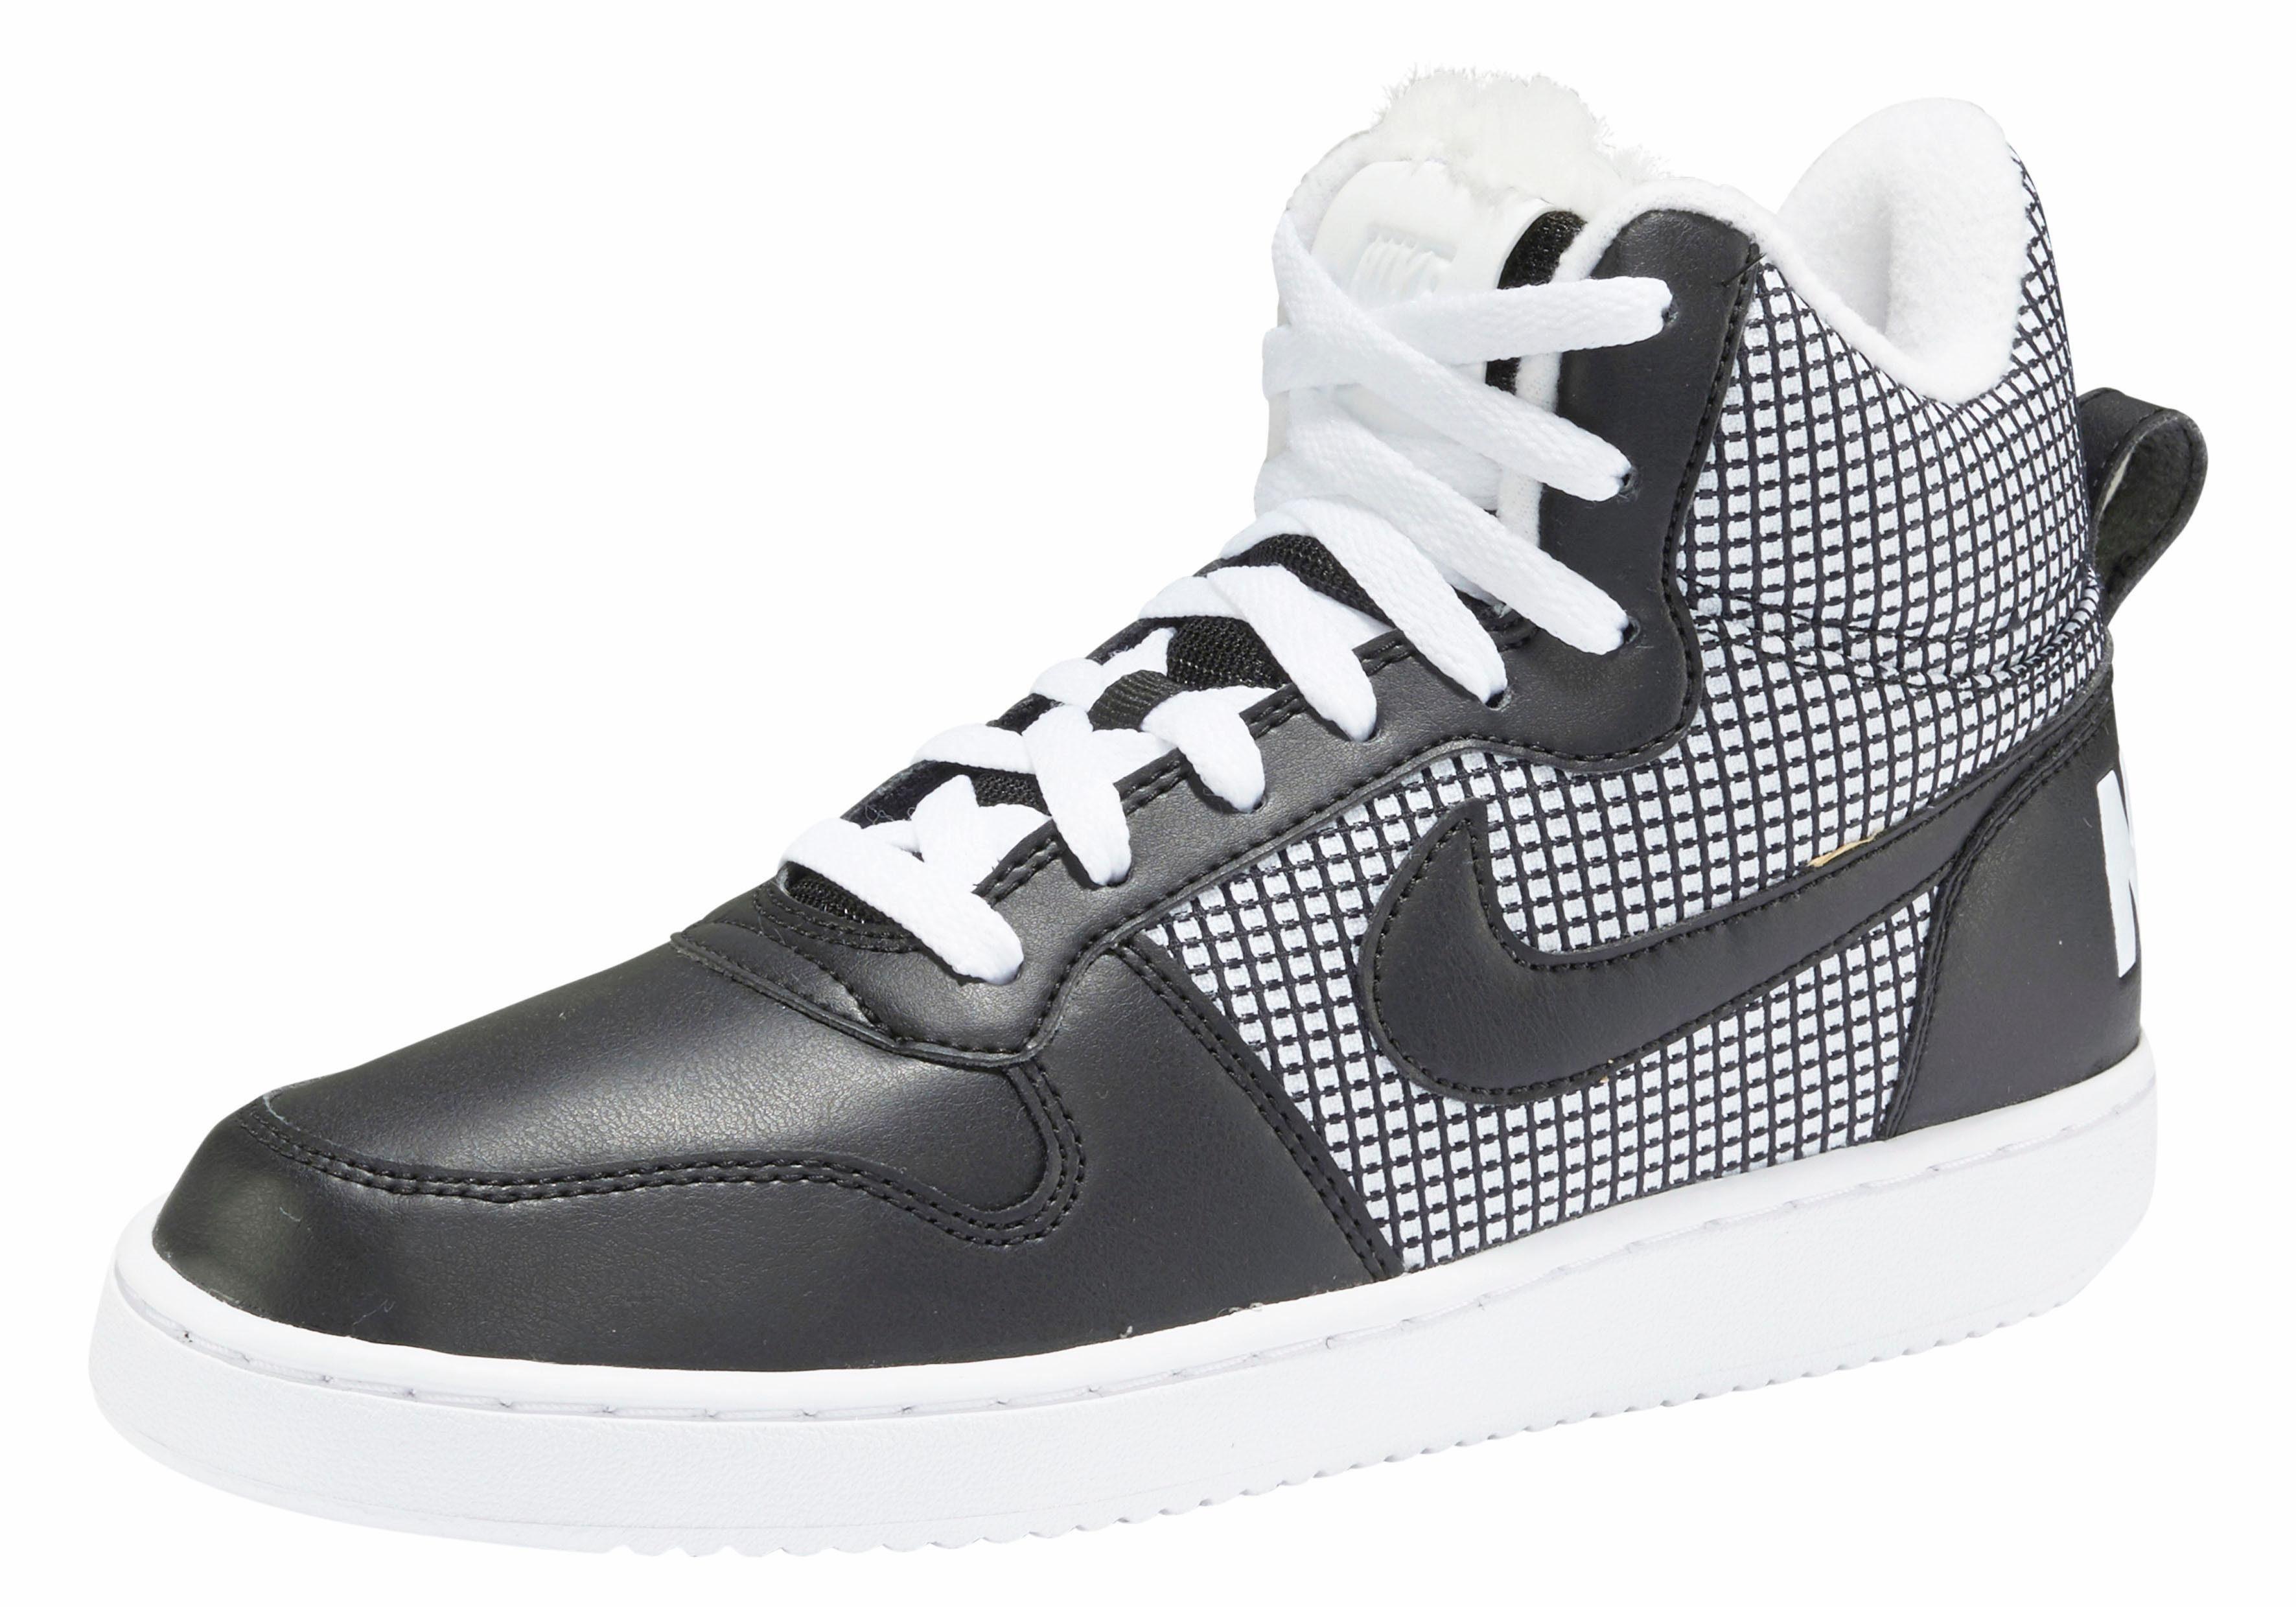 Nike Sportswear Wmns Court Borough Mid SE Sneaker online kaufen  schwarz-weiß